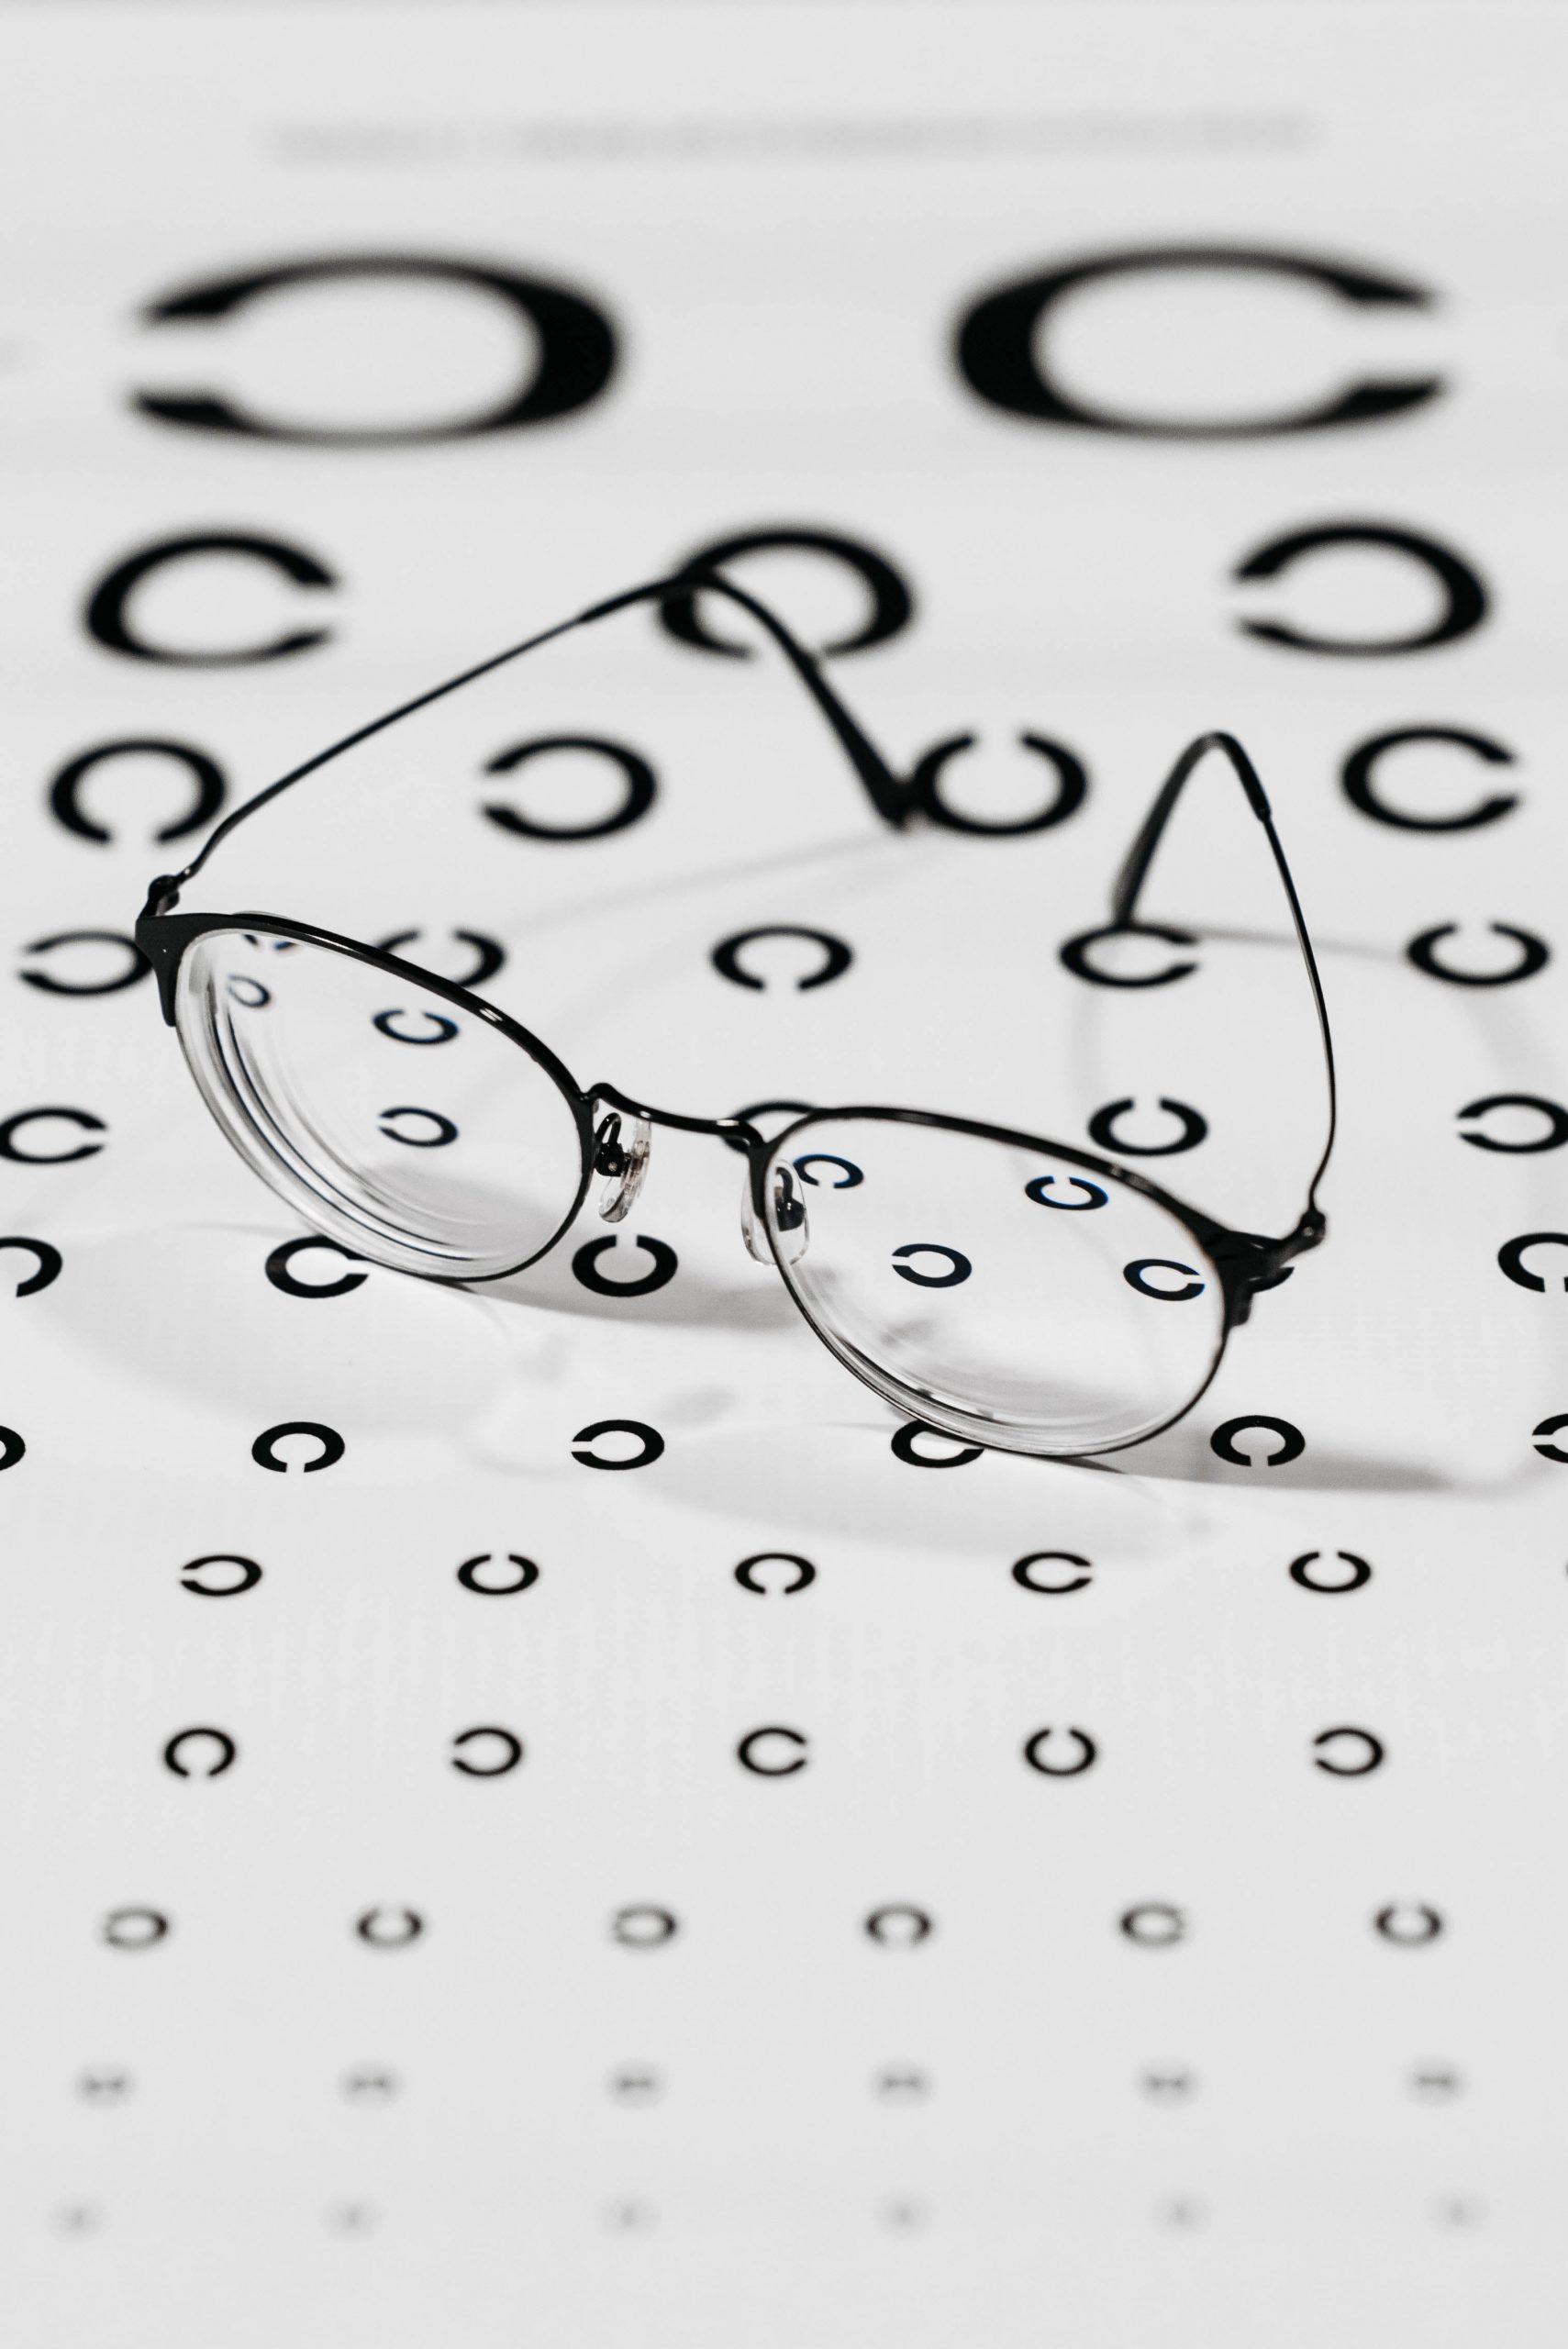 gratis oogmeting oogtest optiek de groeve herent nieuwe bril kopen ogen testen